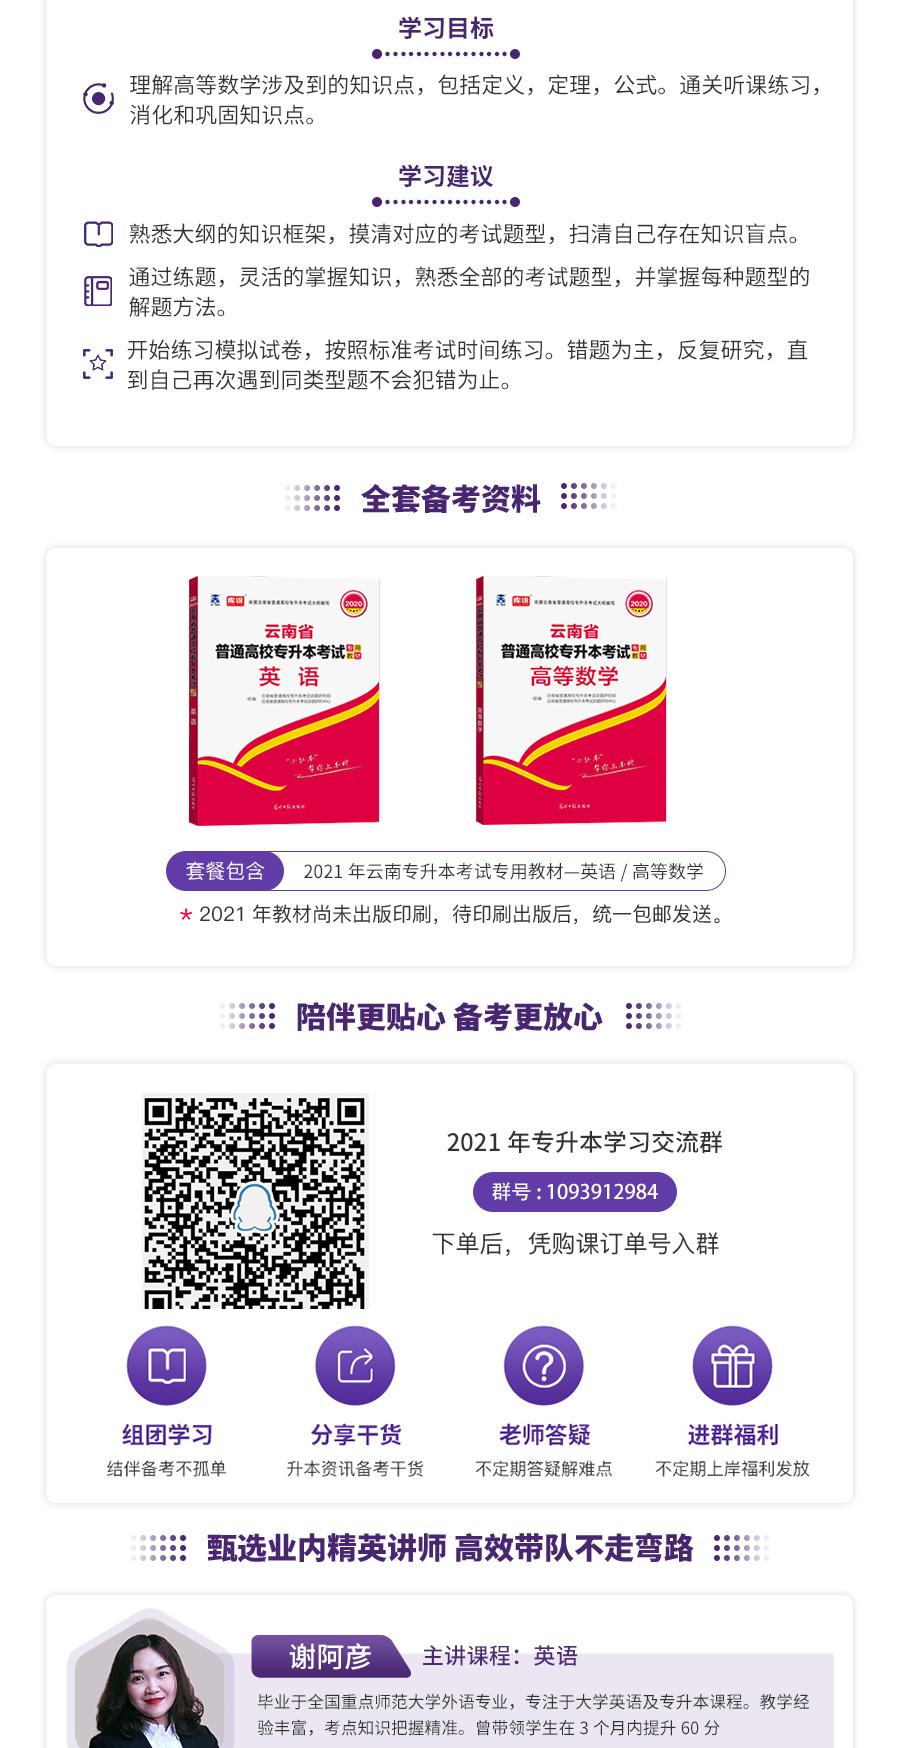 云南-全科基础班高数_04.jpg